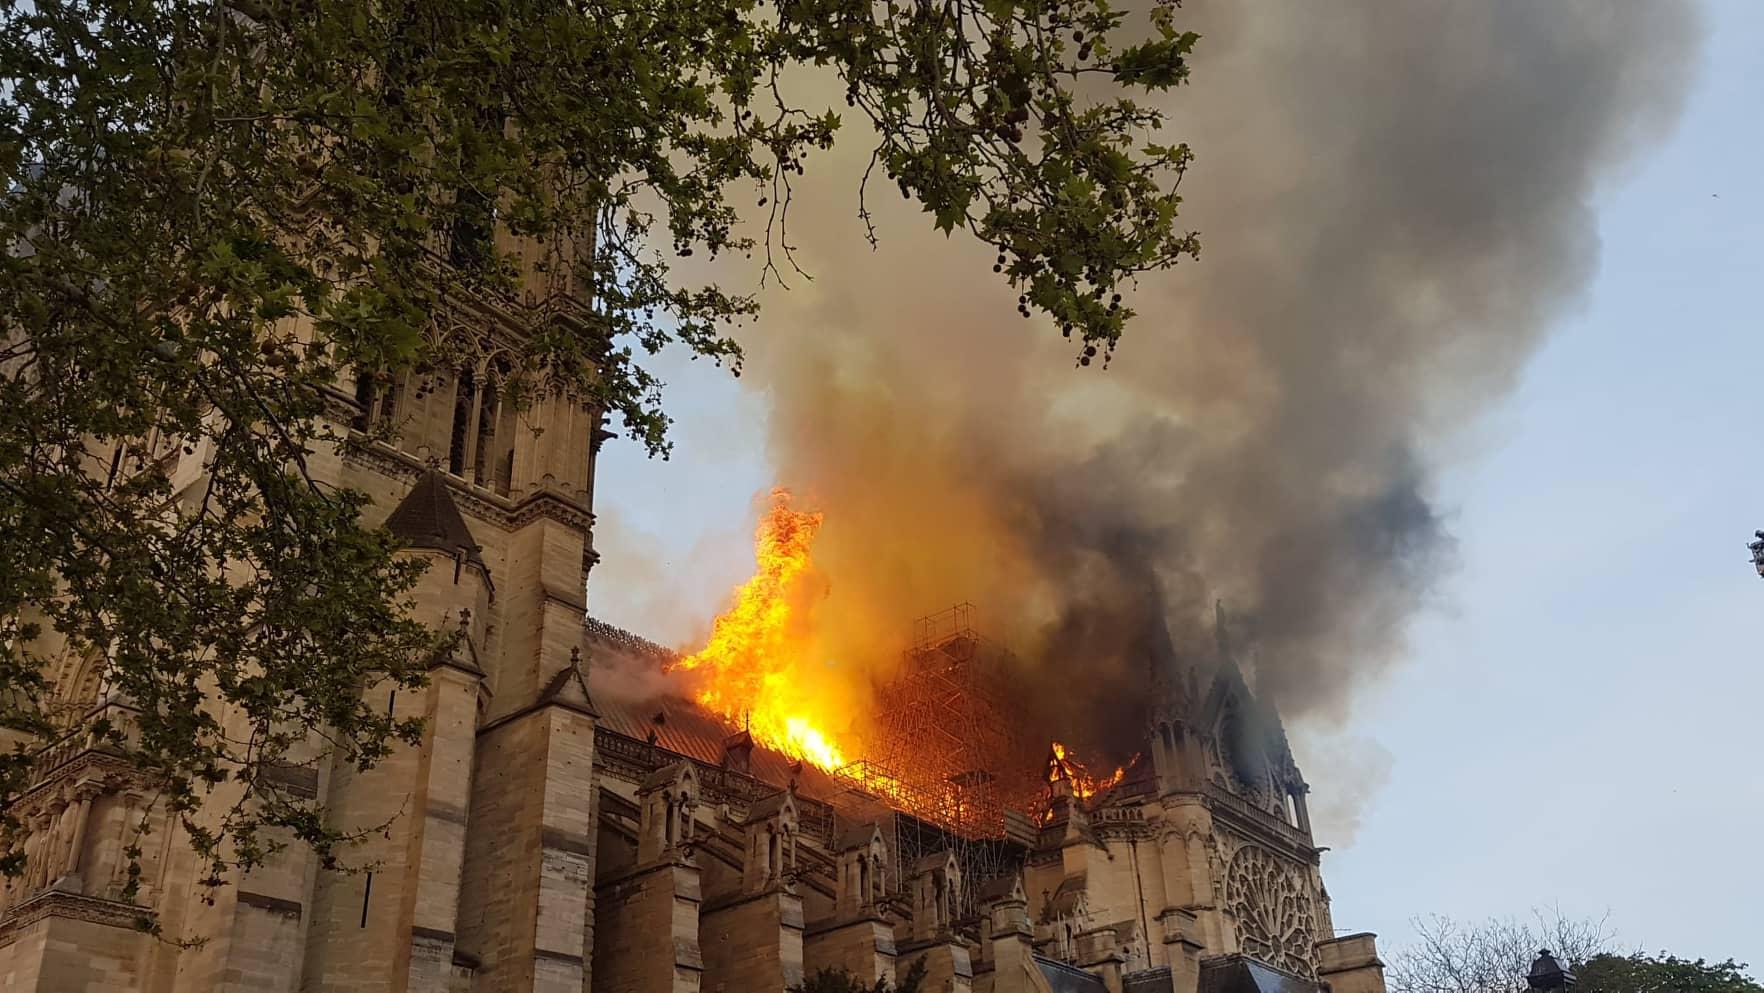 Parigi brucia. Cronaca dell'incendio di Notre Dame